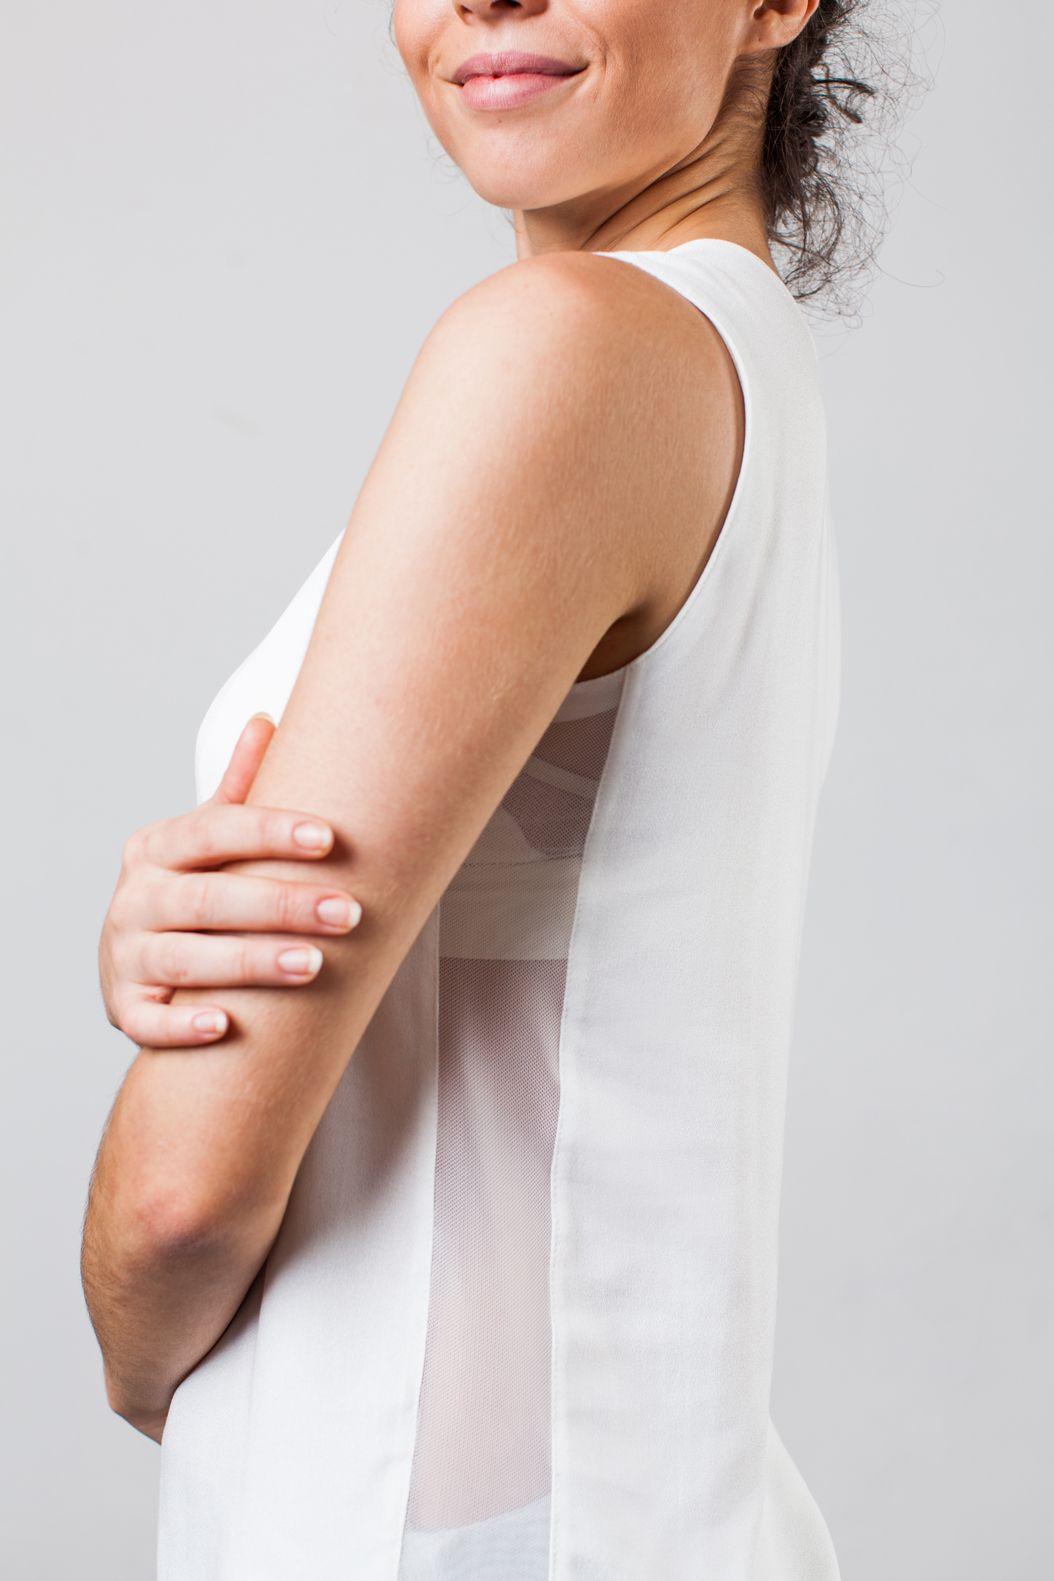 Regata assimétrica com tela lateral que deixa o seu corpo fresquinho enquanto se movimenta.  Características: - Tecido leve - Fácil manutenção - Confortável - Respirabilidade - Toque macio e suave  Composição: 100% VISCOSE, TULE